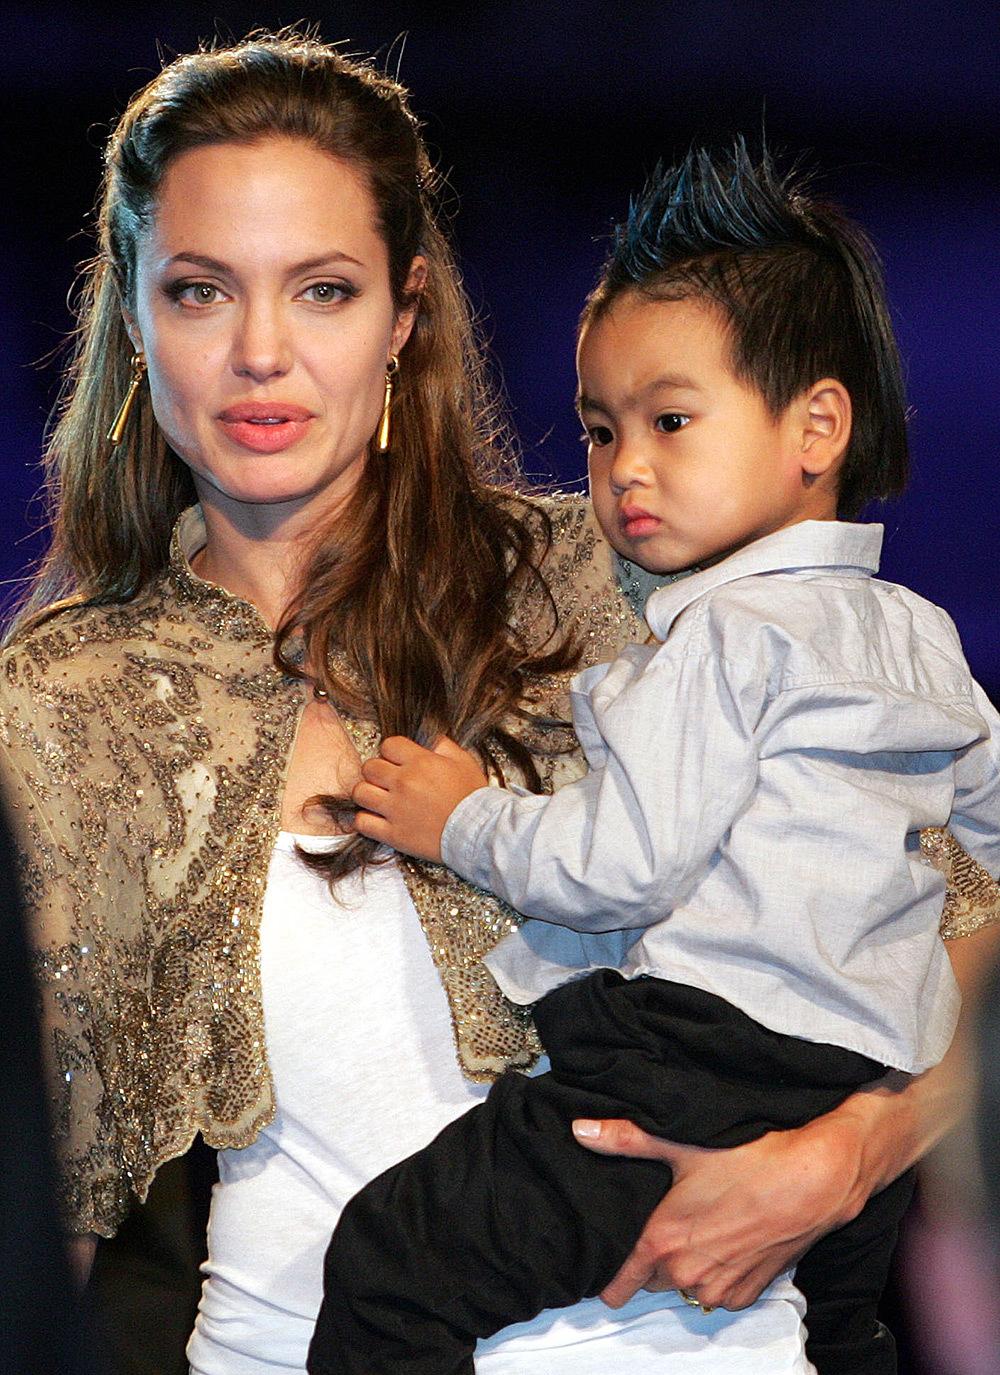 انجلينا جولي برفقة ابنها مادوكس